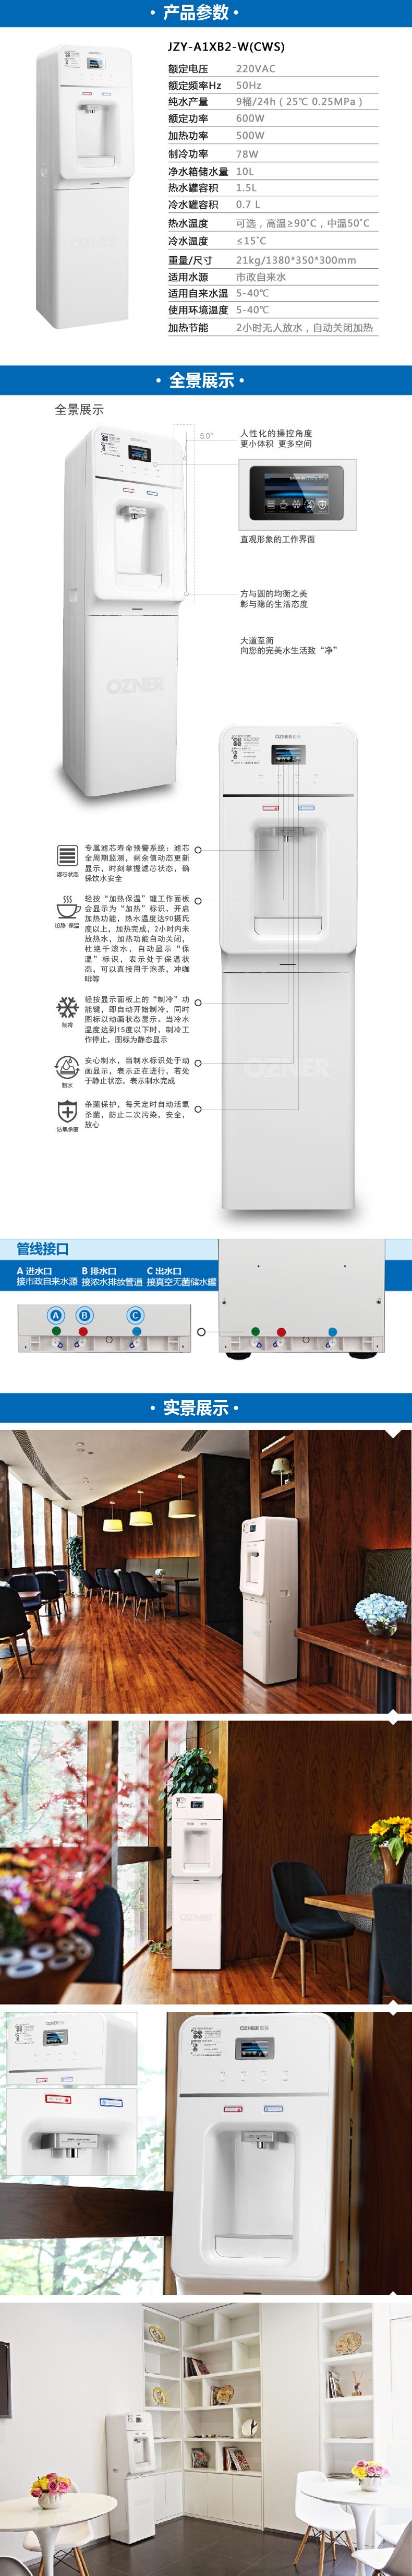 3浩泽 商用 立式 2G 网络标准型 水机 JZY-A1XB2-W(CWS)-03.jpg